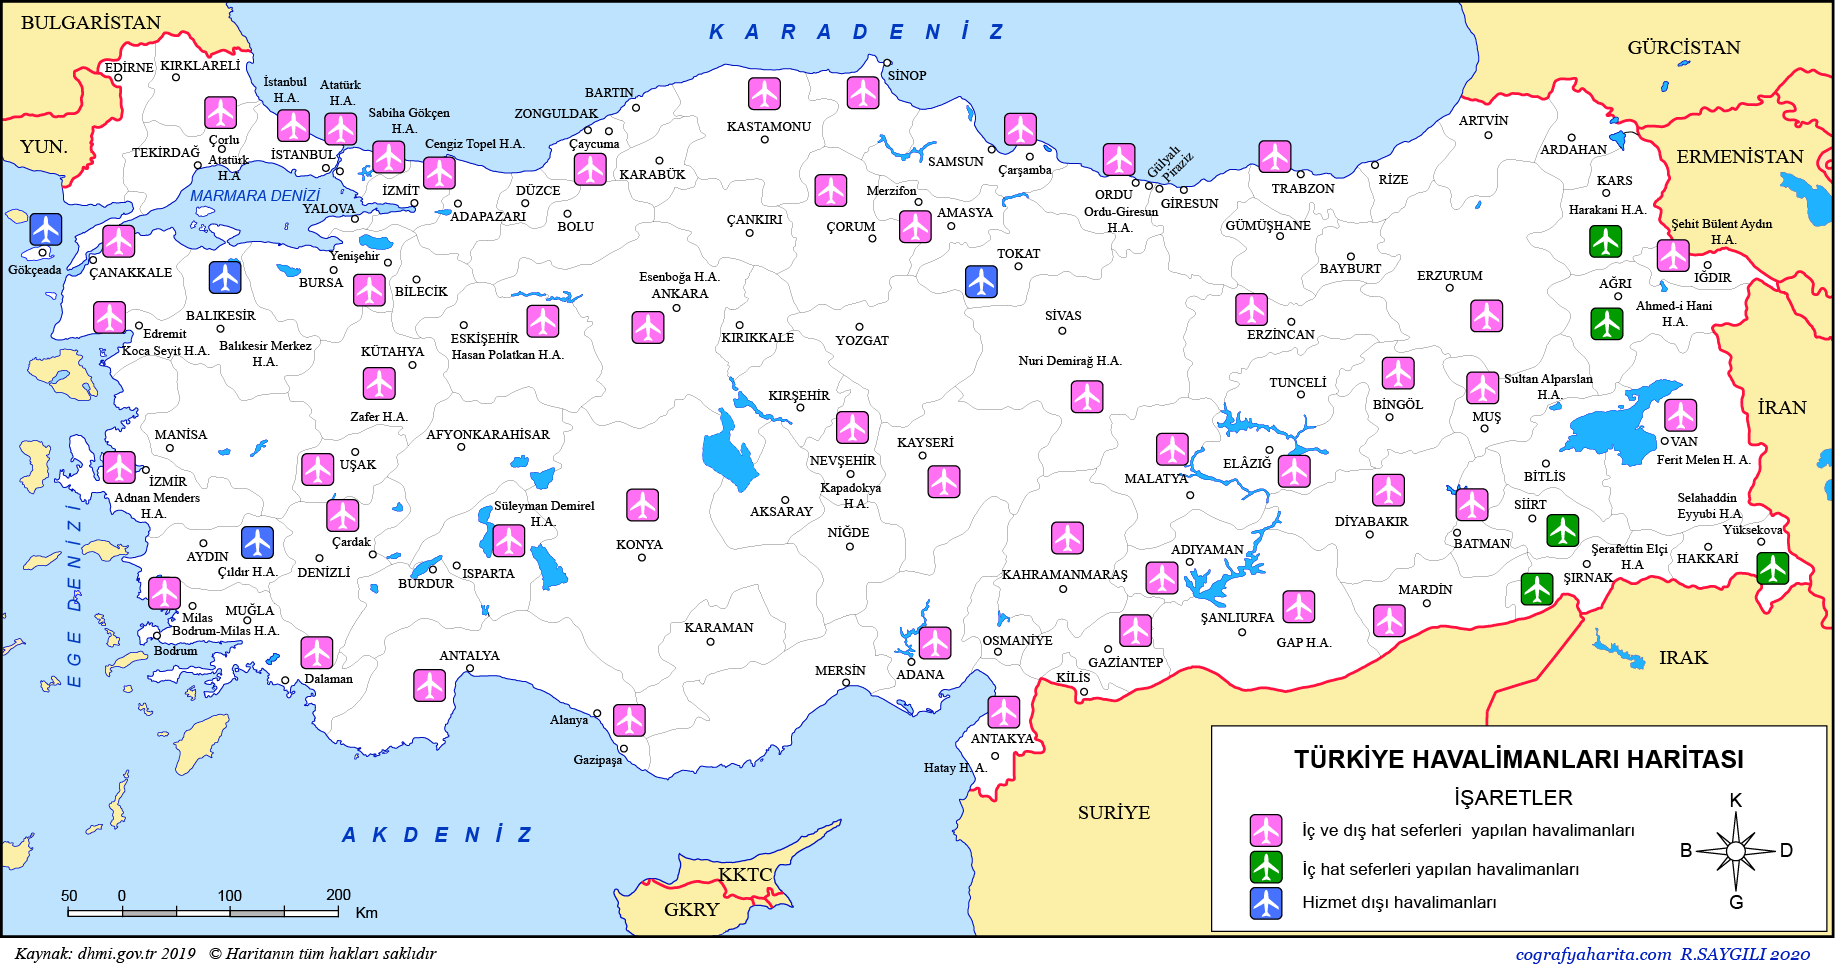 Türkiye Havalimanları Haritası